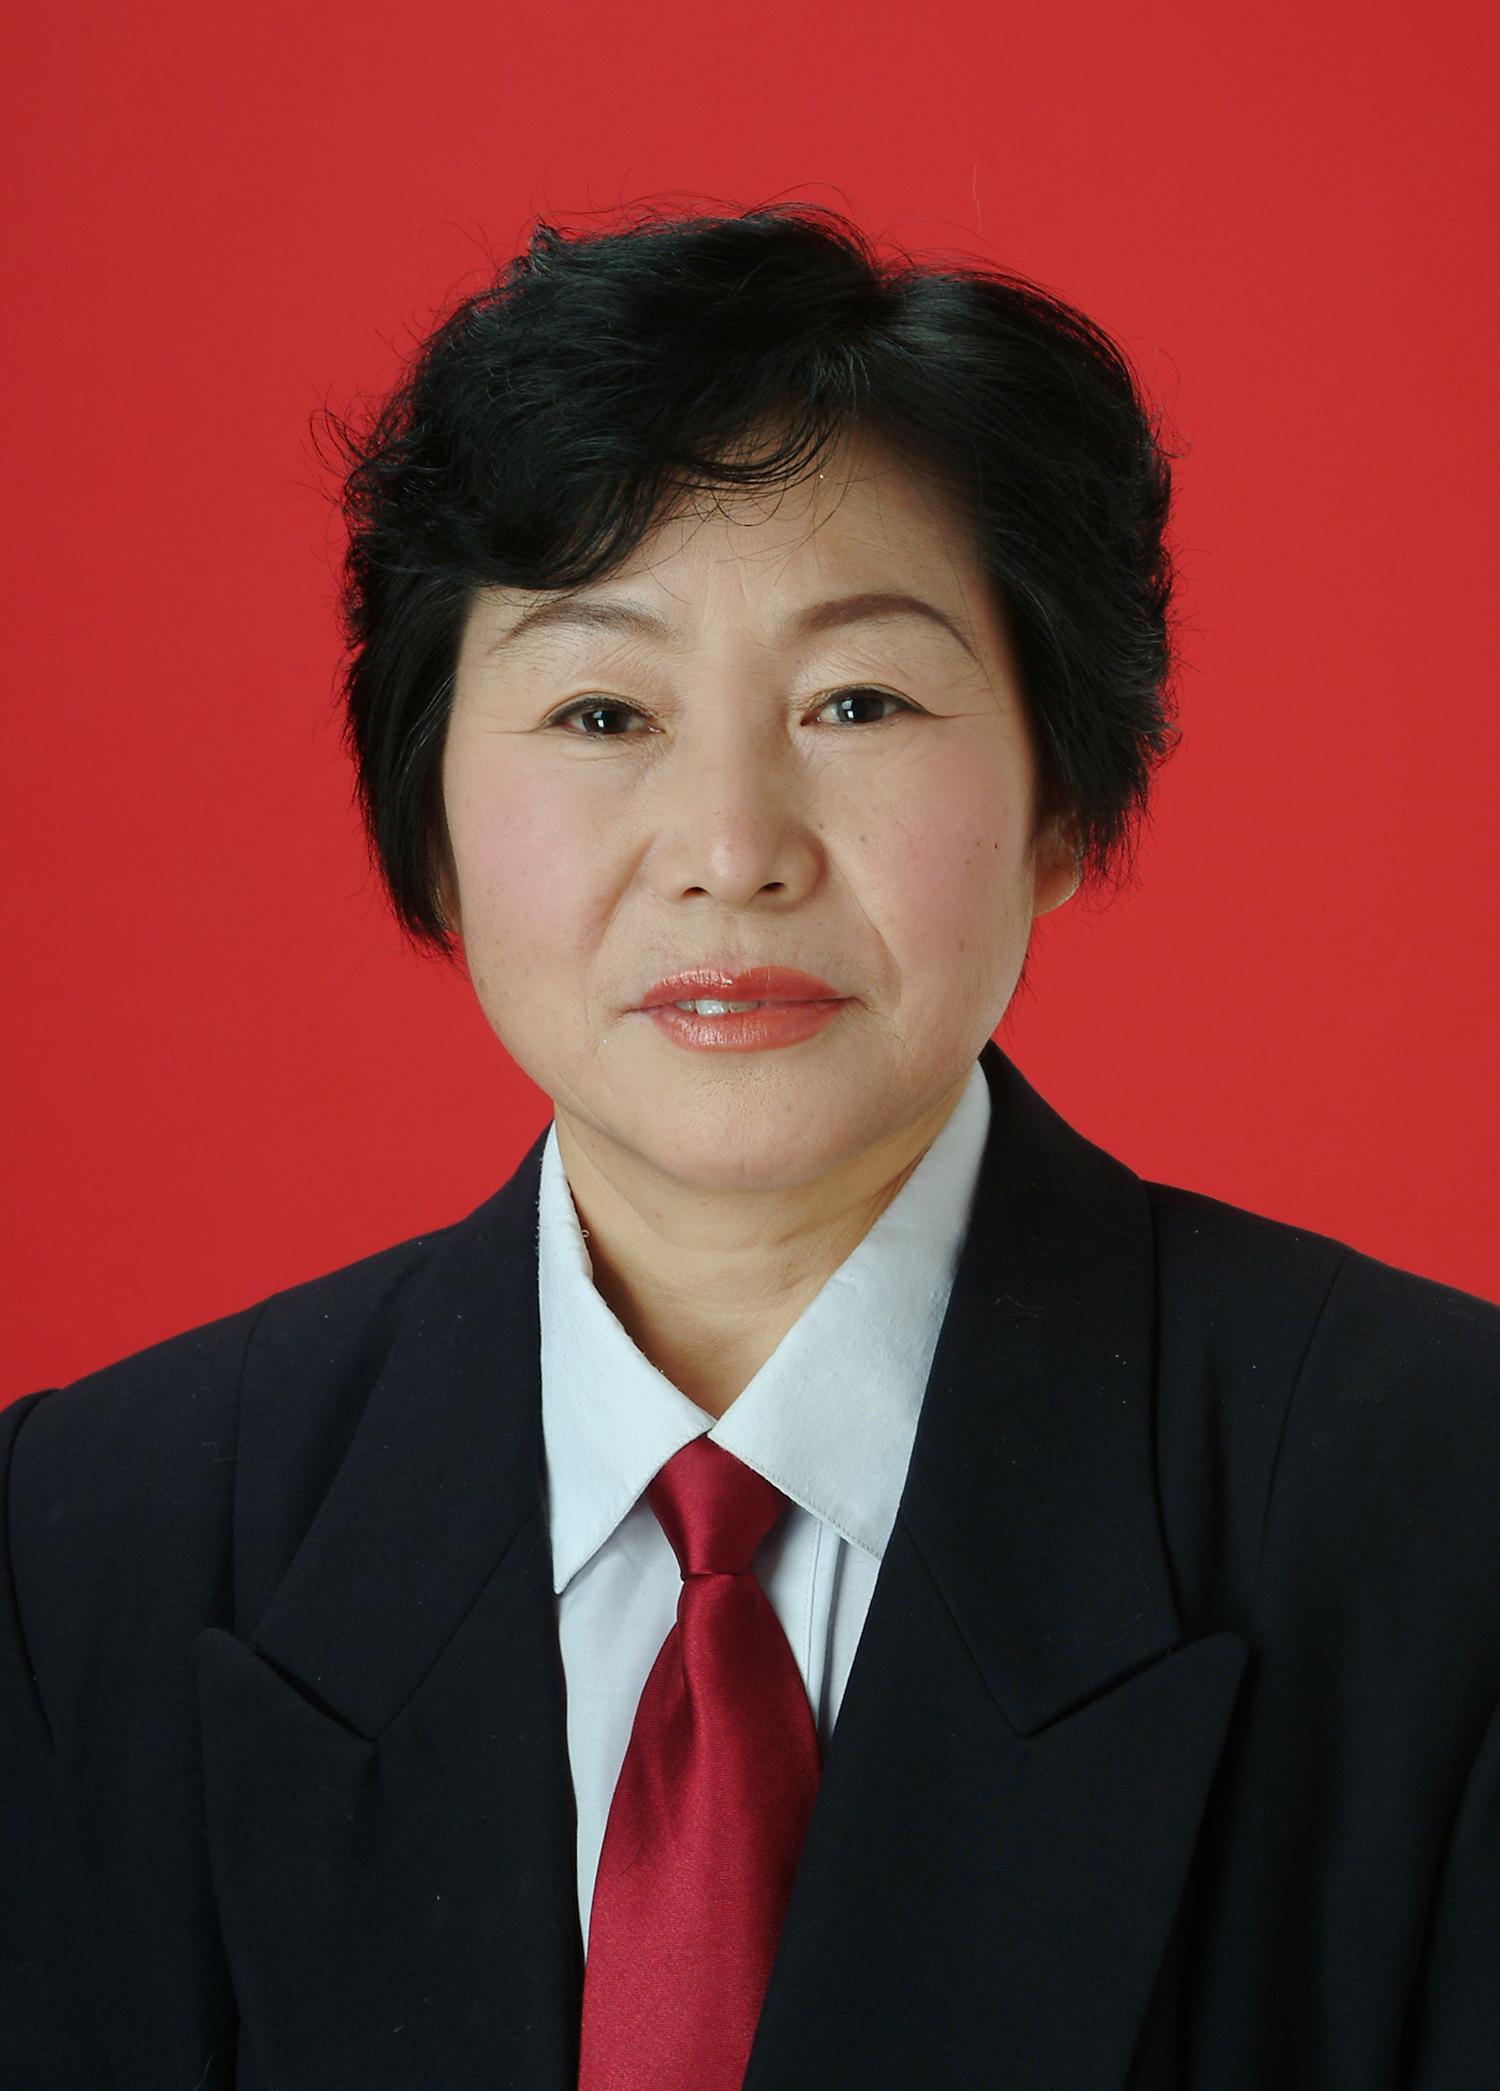 商丘市第一人民医院分院|马兆荣 副主任医师